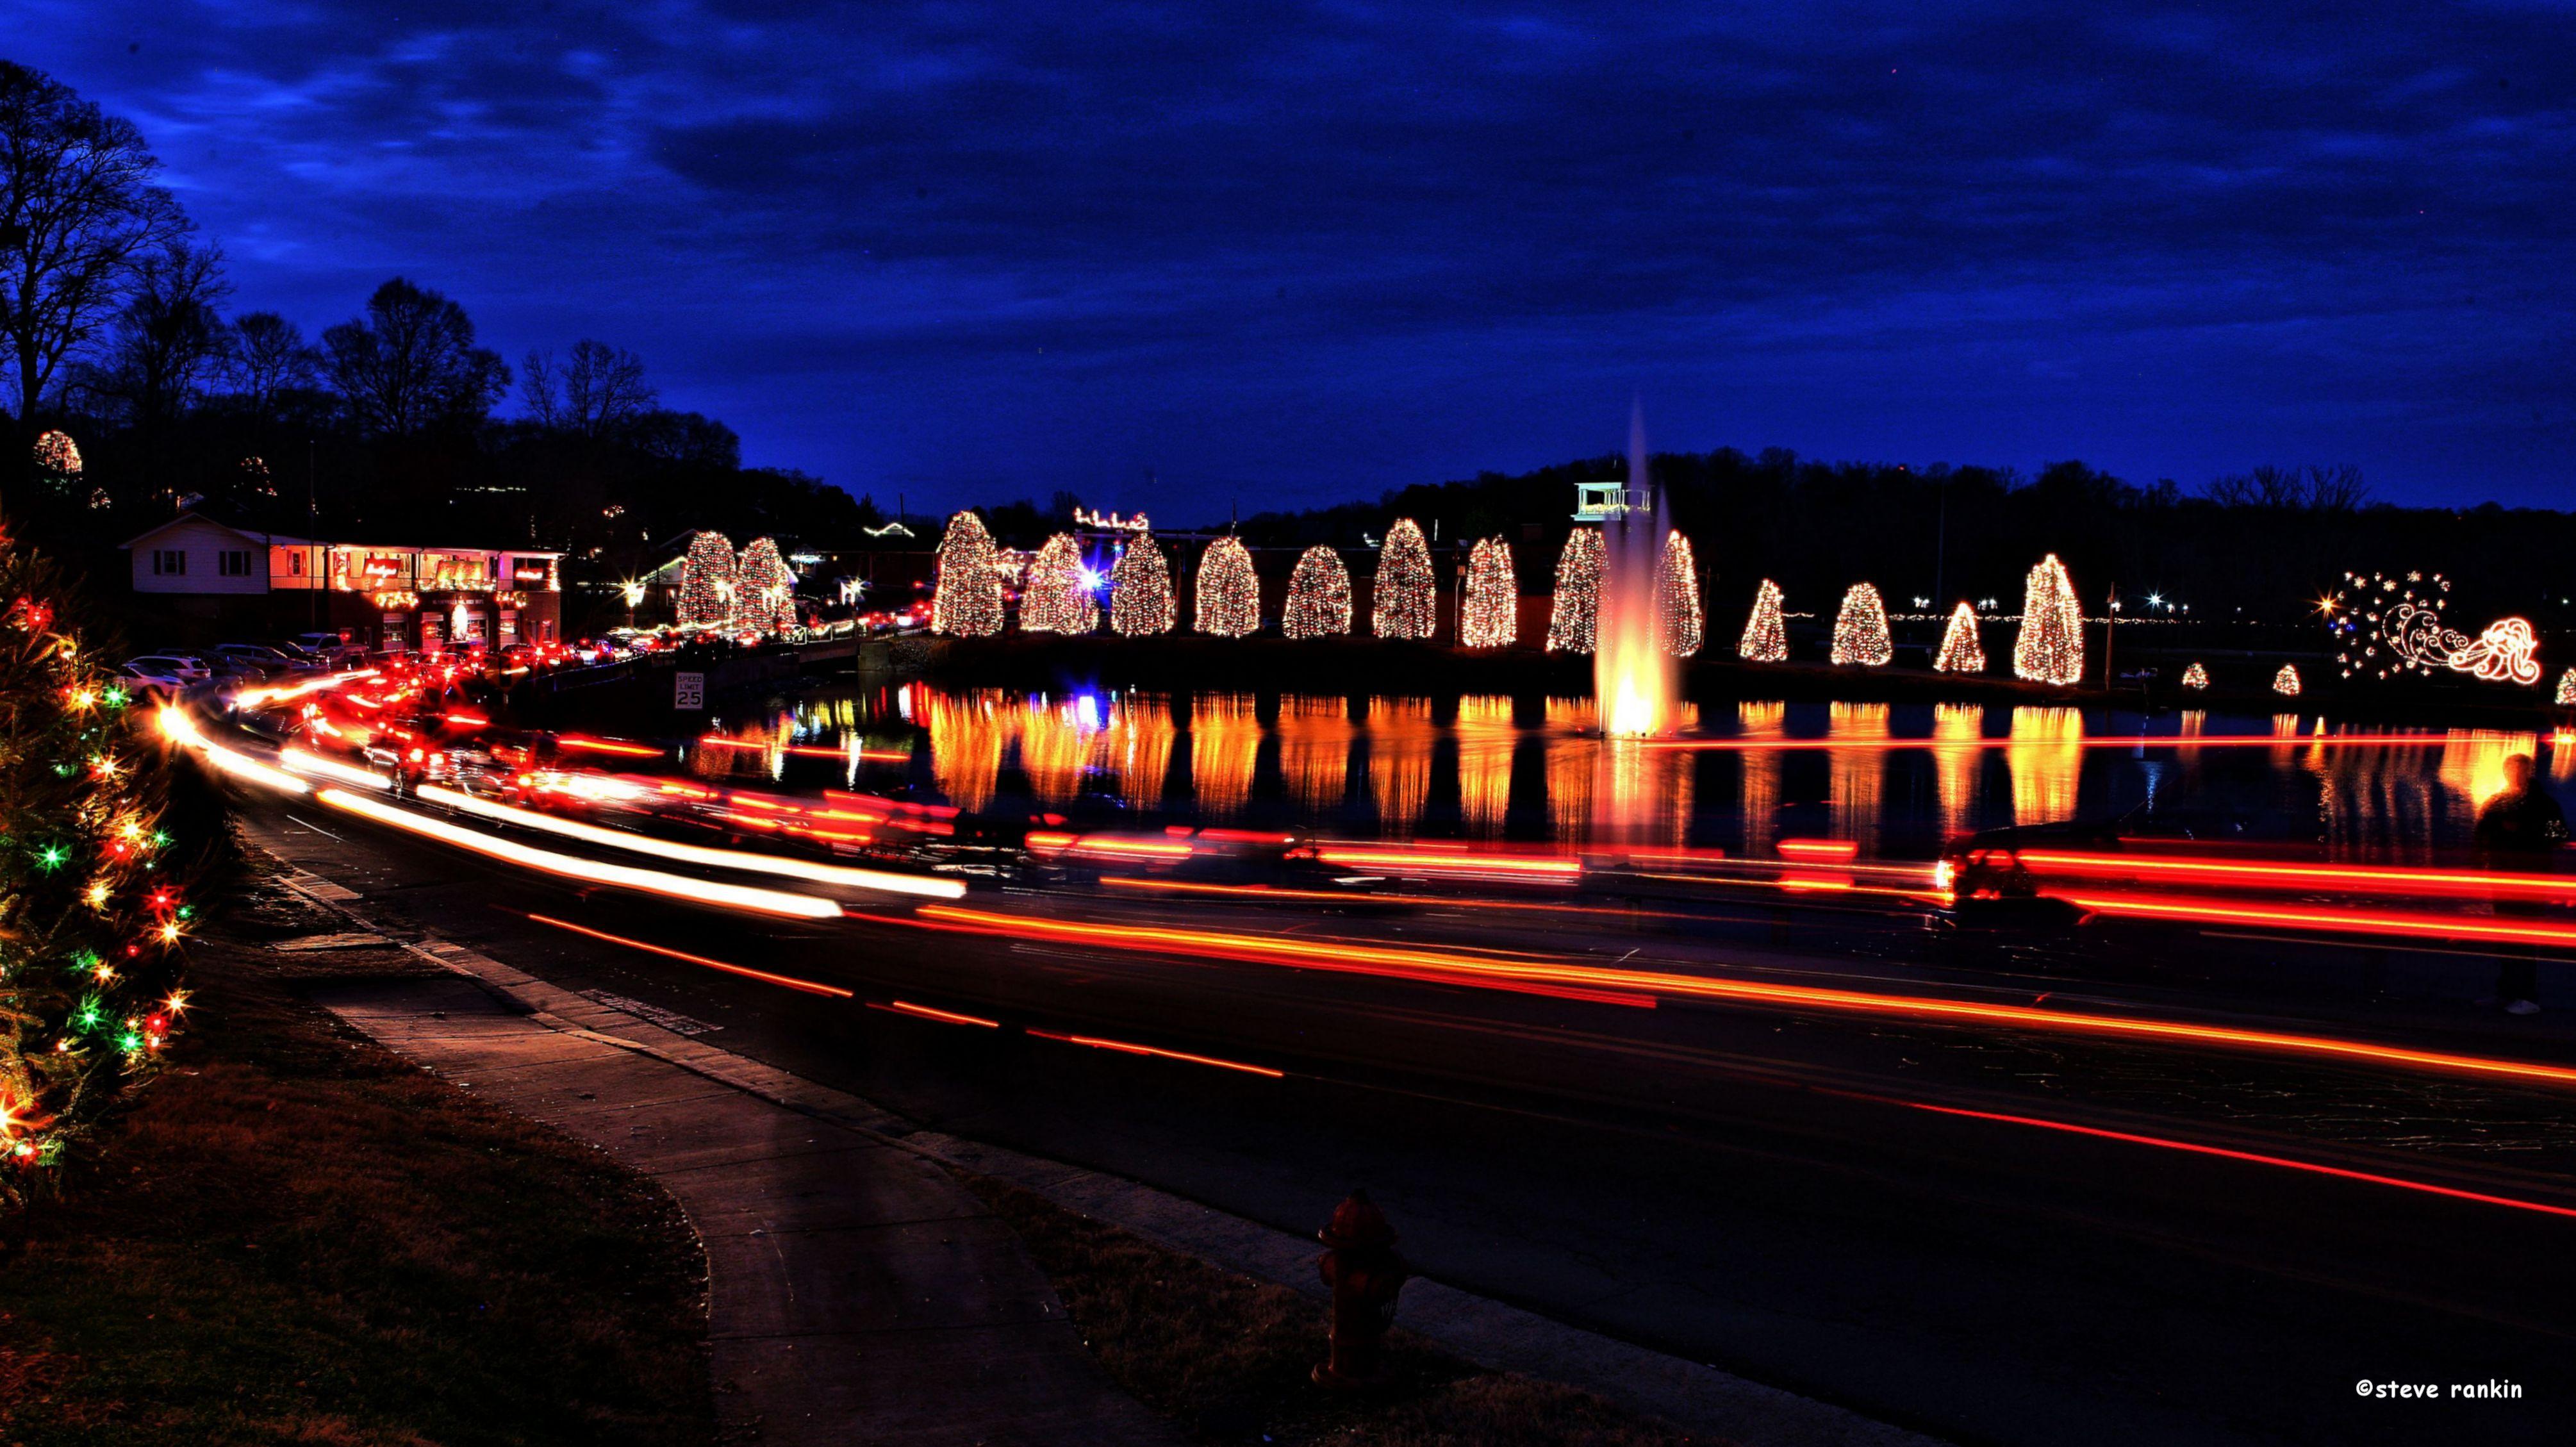 Christmastown USA Lake McAdenville